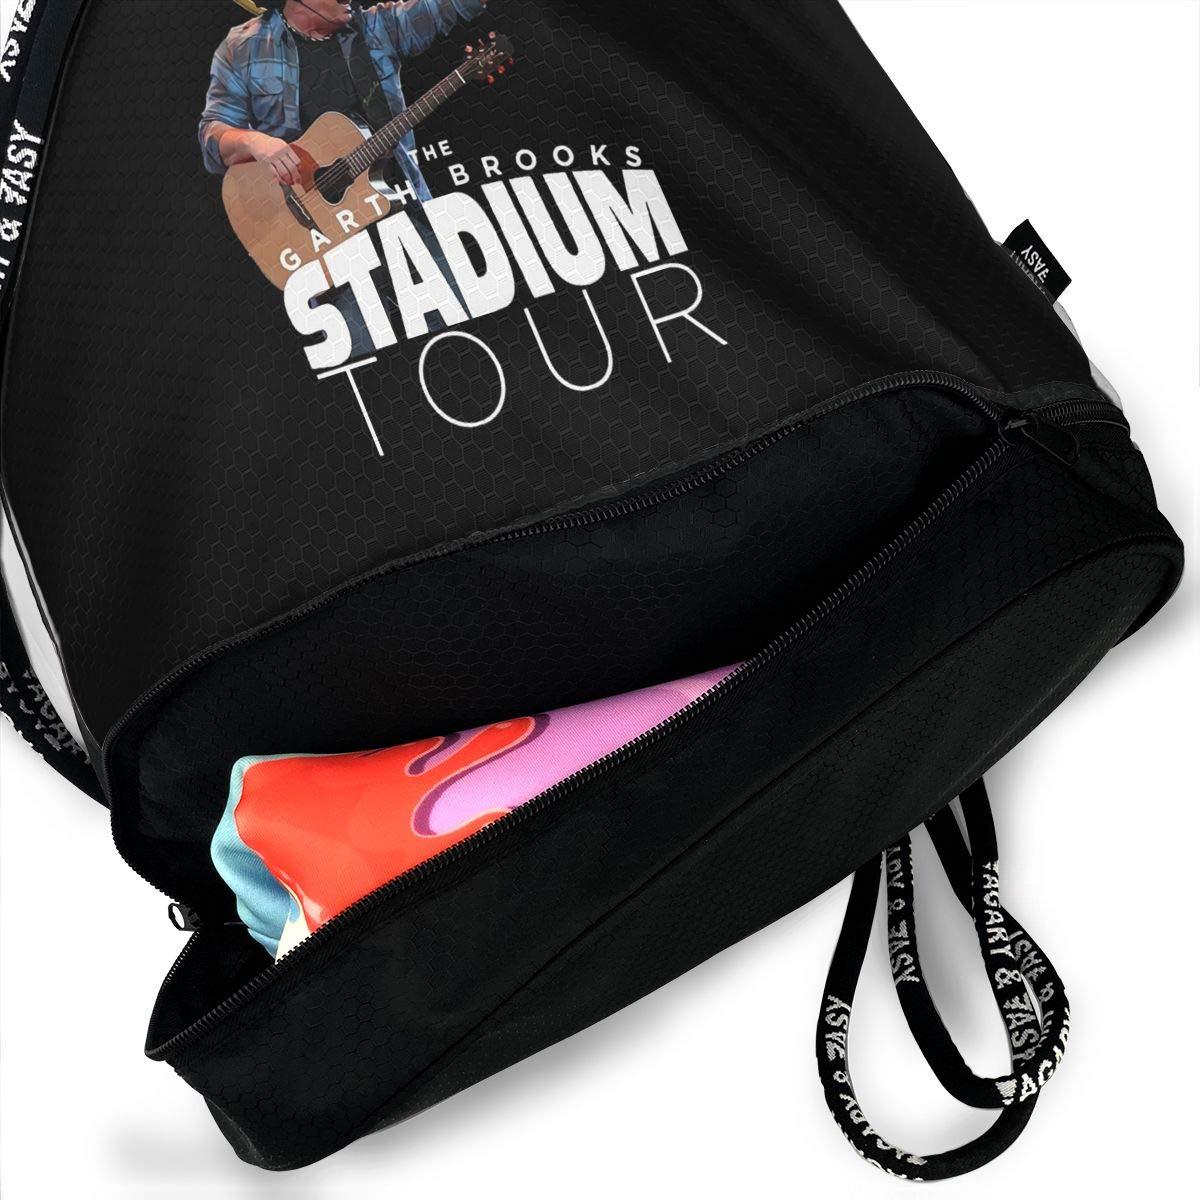 Shoulder Bag Pumping Rope Backpack Arth Brooks Printed Bundle Mouth Single Pocket